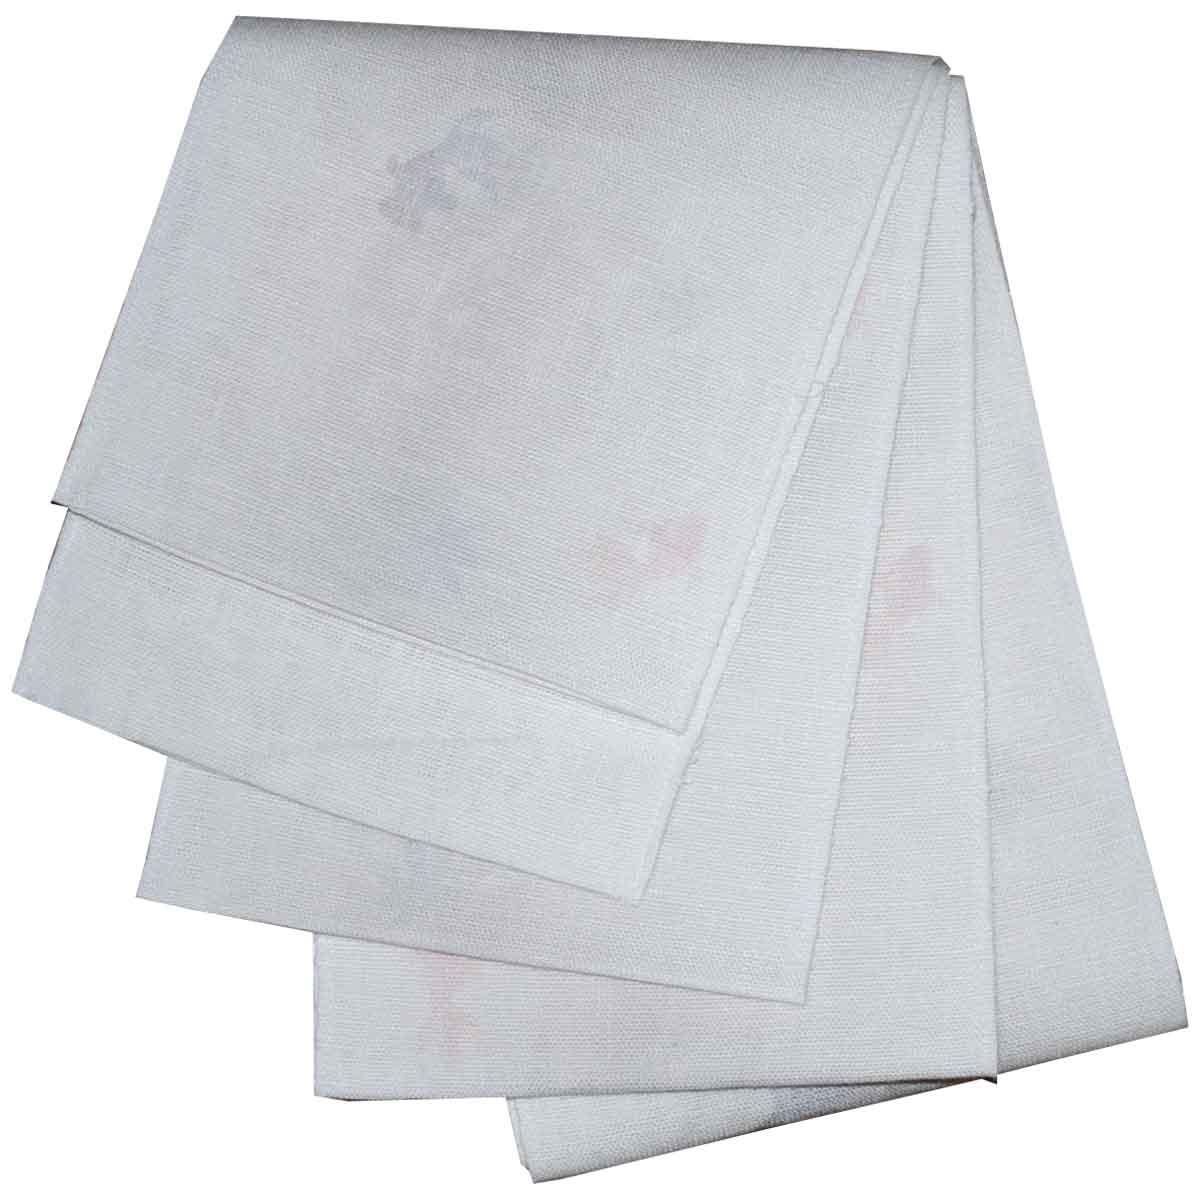 5%OFF クーポン 送料無料 日本製 本麻ボカシ 浴衣帯 半幅帯 半幅帯 小袋帯 金魚柄 グレー 出店10周年記念